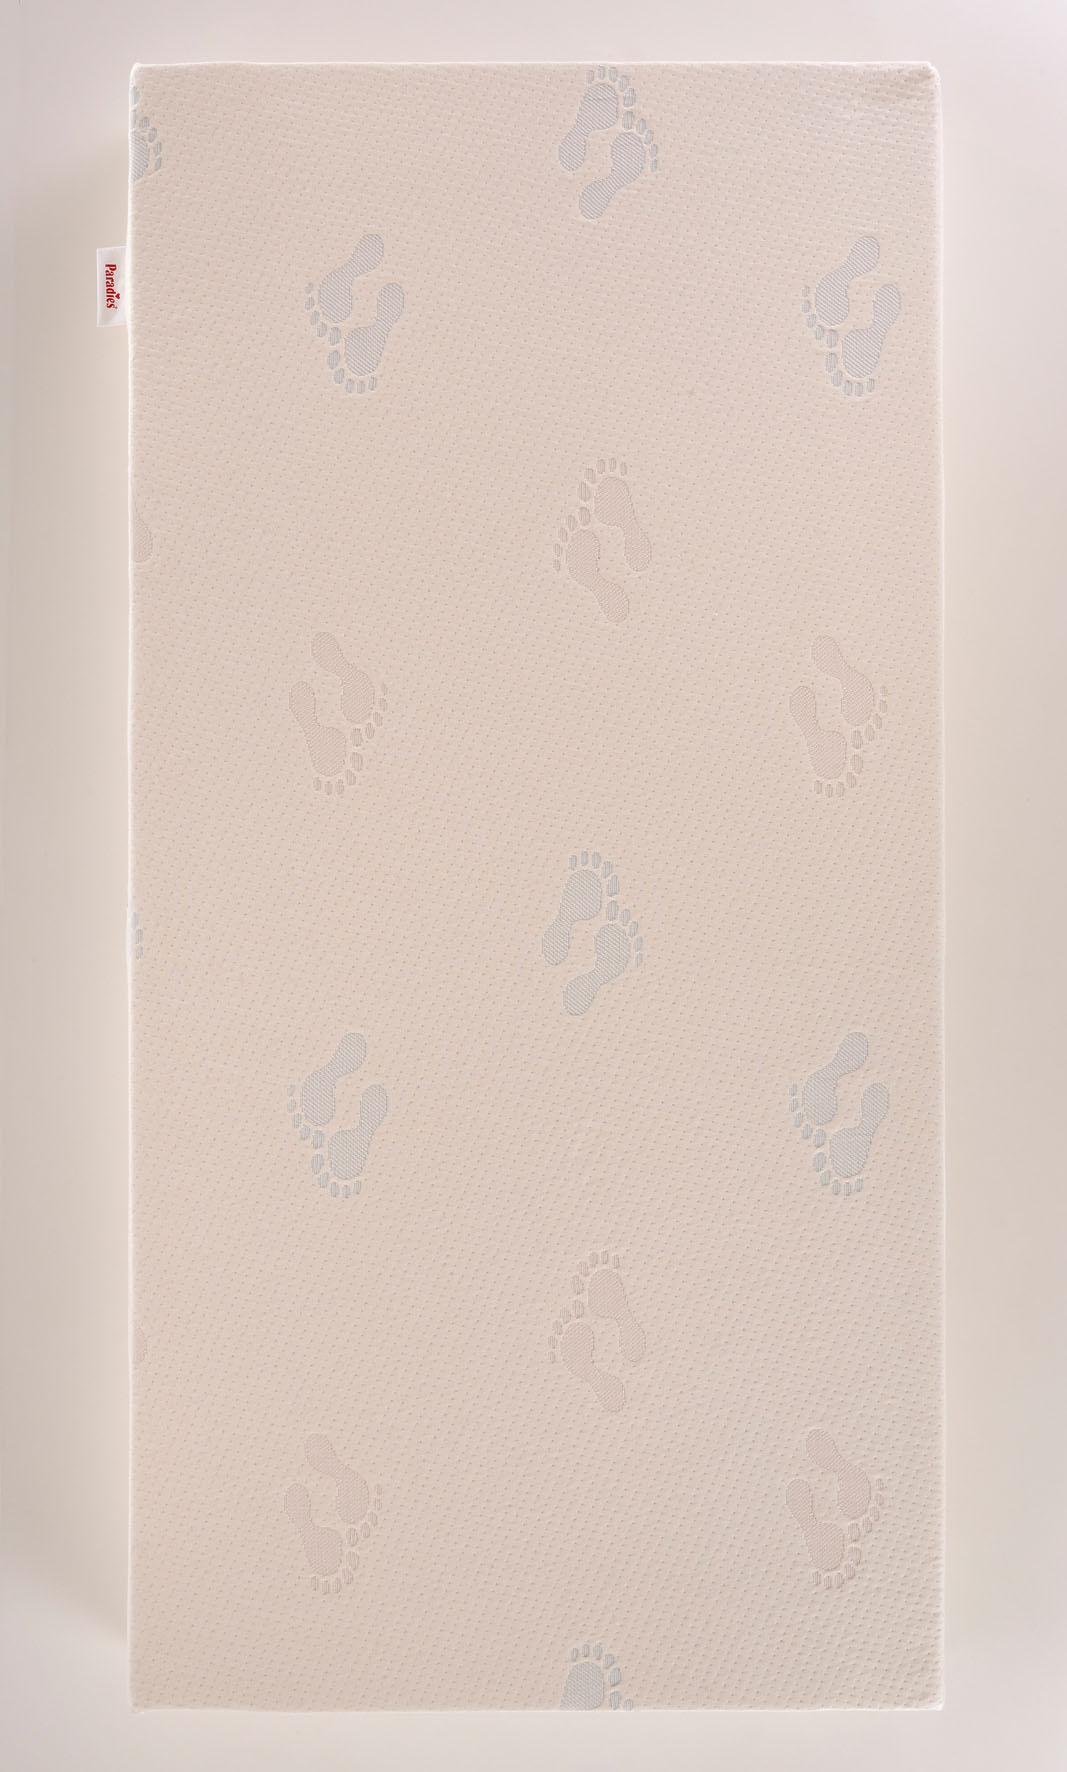 Kindermatratze Bio-Lina Paradies 8 cm hoch | Kinderzimmer > Textilien für Kinder > Kinderbettwäsche | Paradies